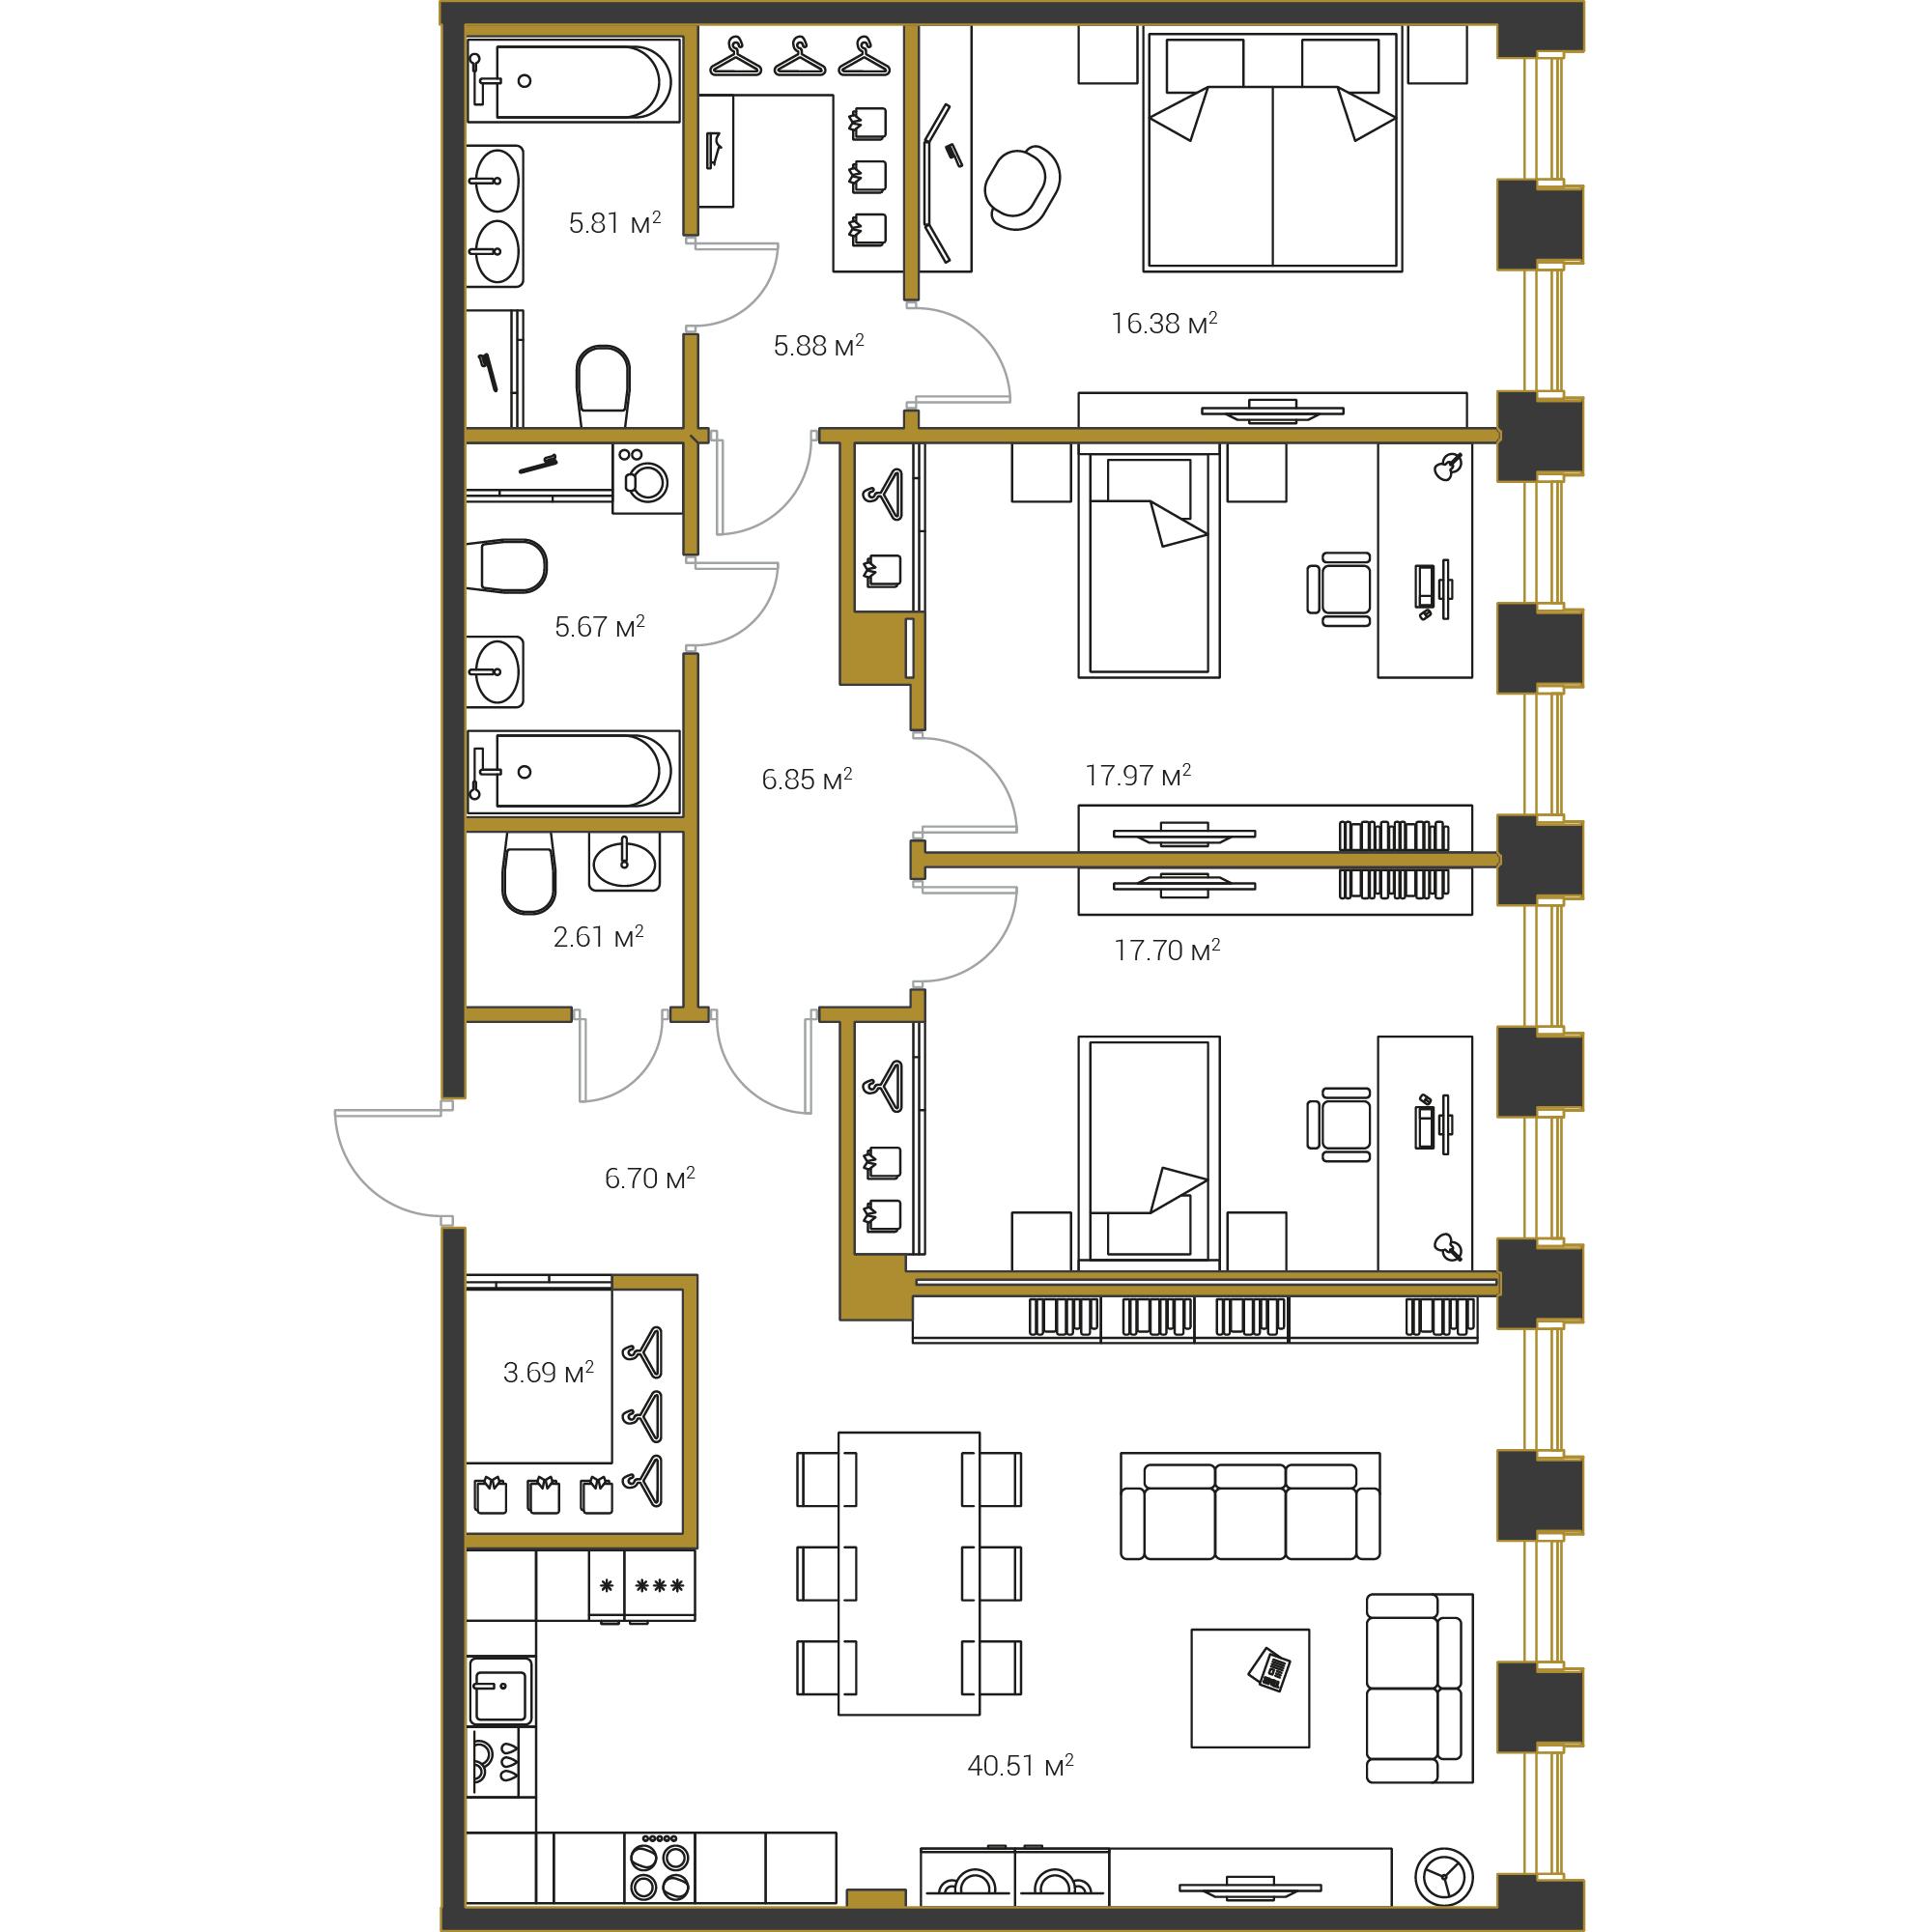 3-комнатная квартира №16 в: Институтский,16: 129.77 м²; этаж: 9 - купить в Санкт-Петербурге